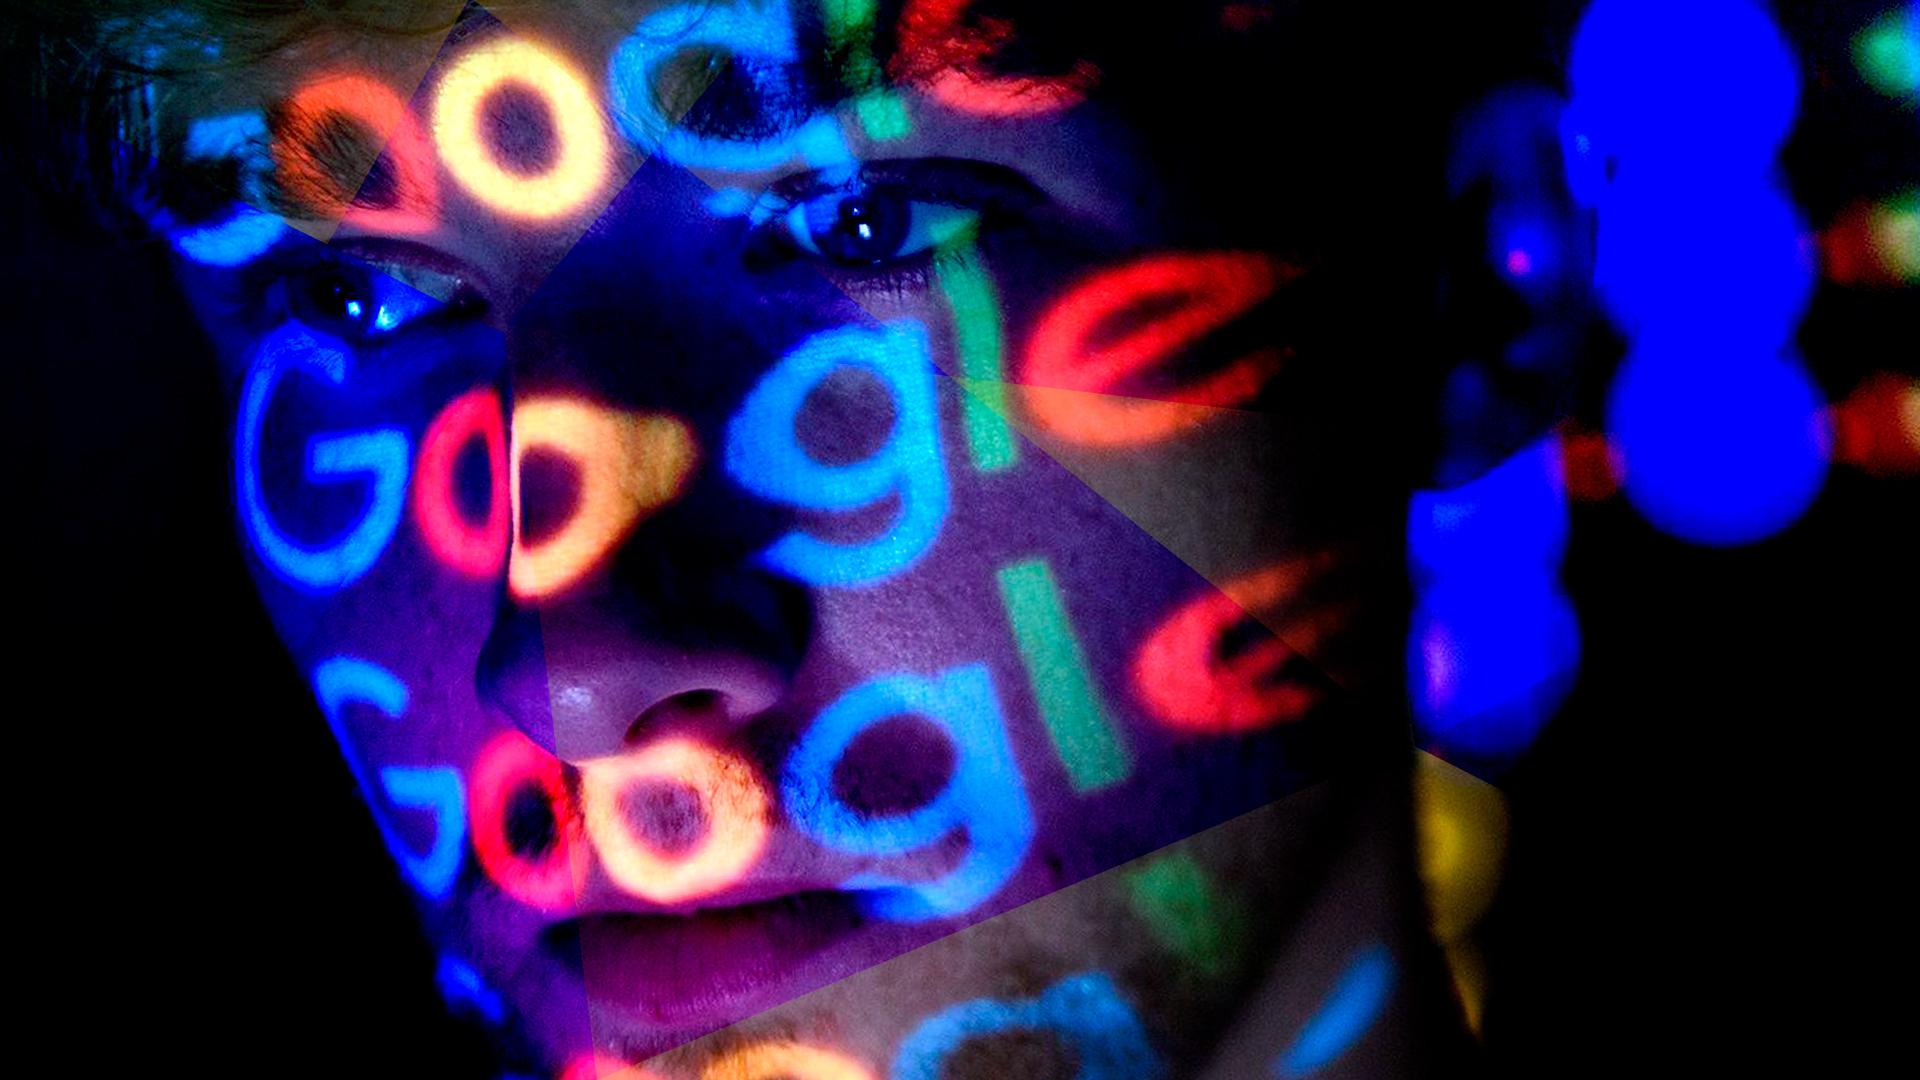 Google, Suchmaschine, Google Logo, Do No Evil